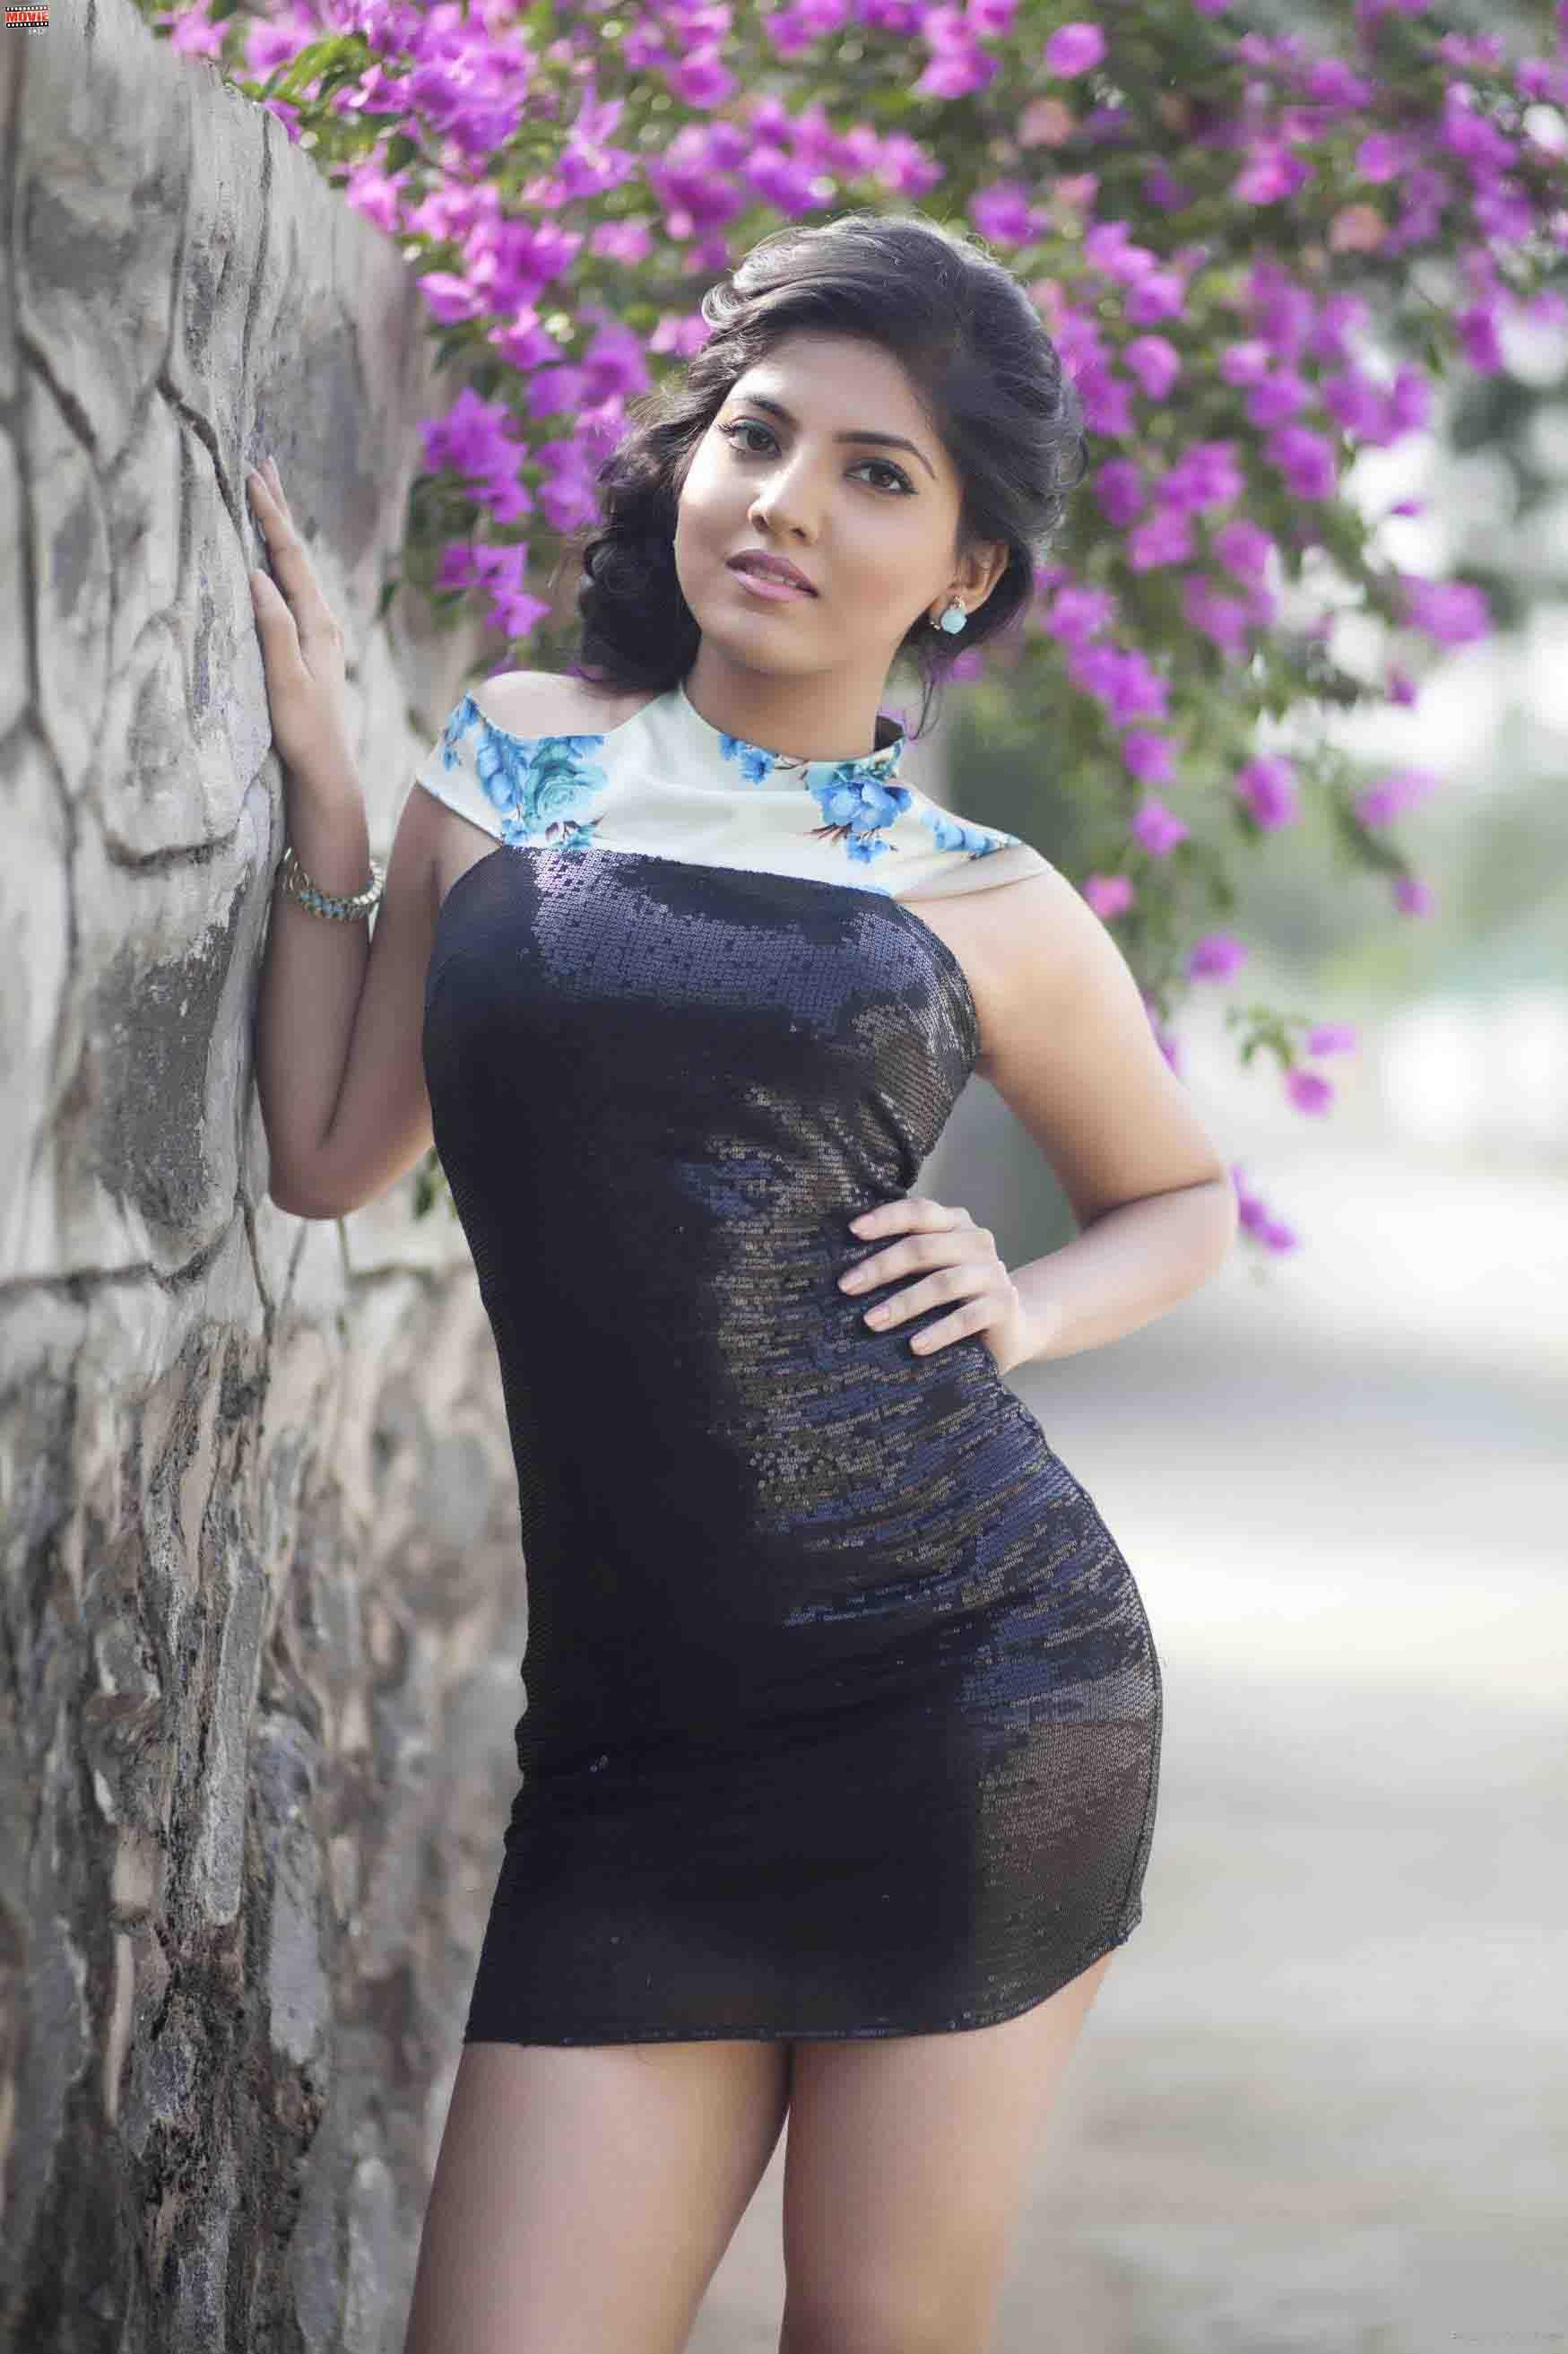 Anaswara kumar mini dress photos